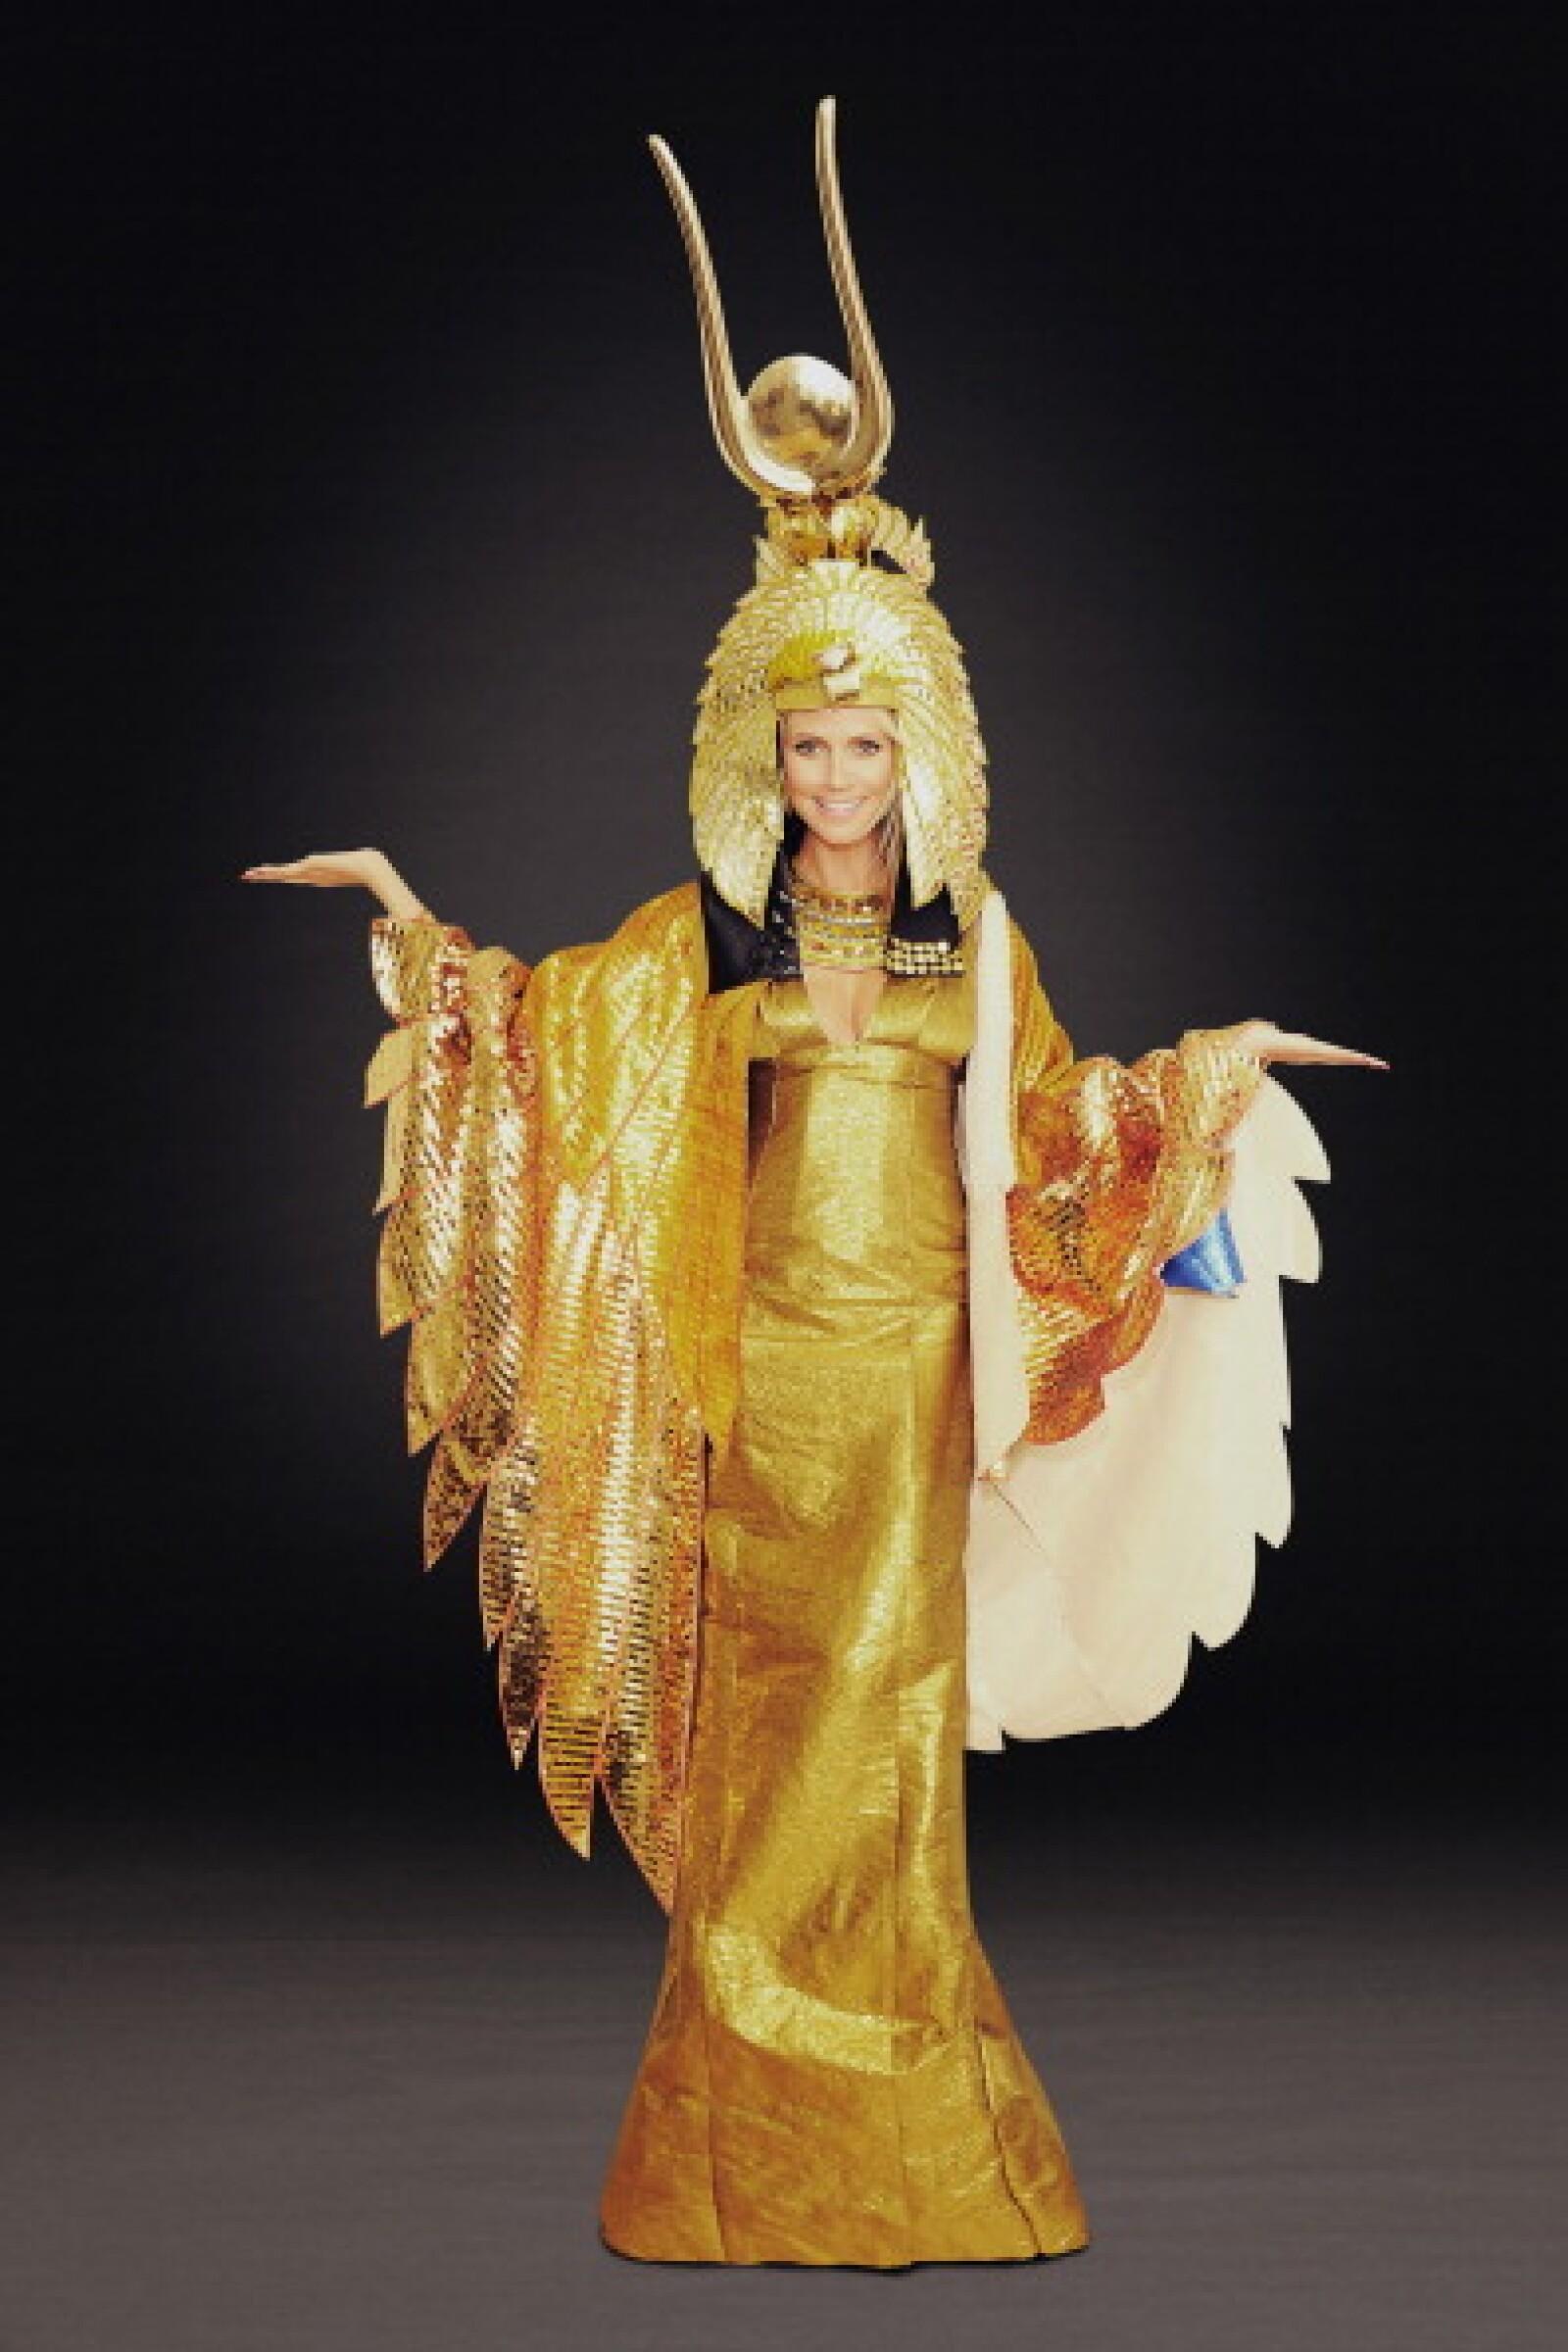 Las celebs nos inspiran para escoger nuestro disfraz de Halloween